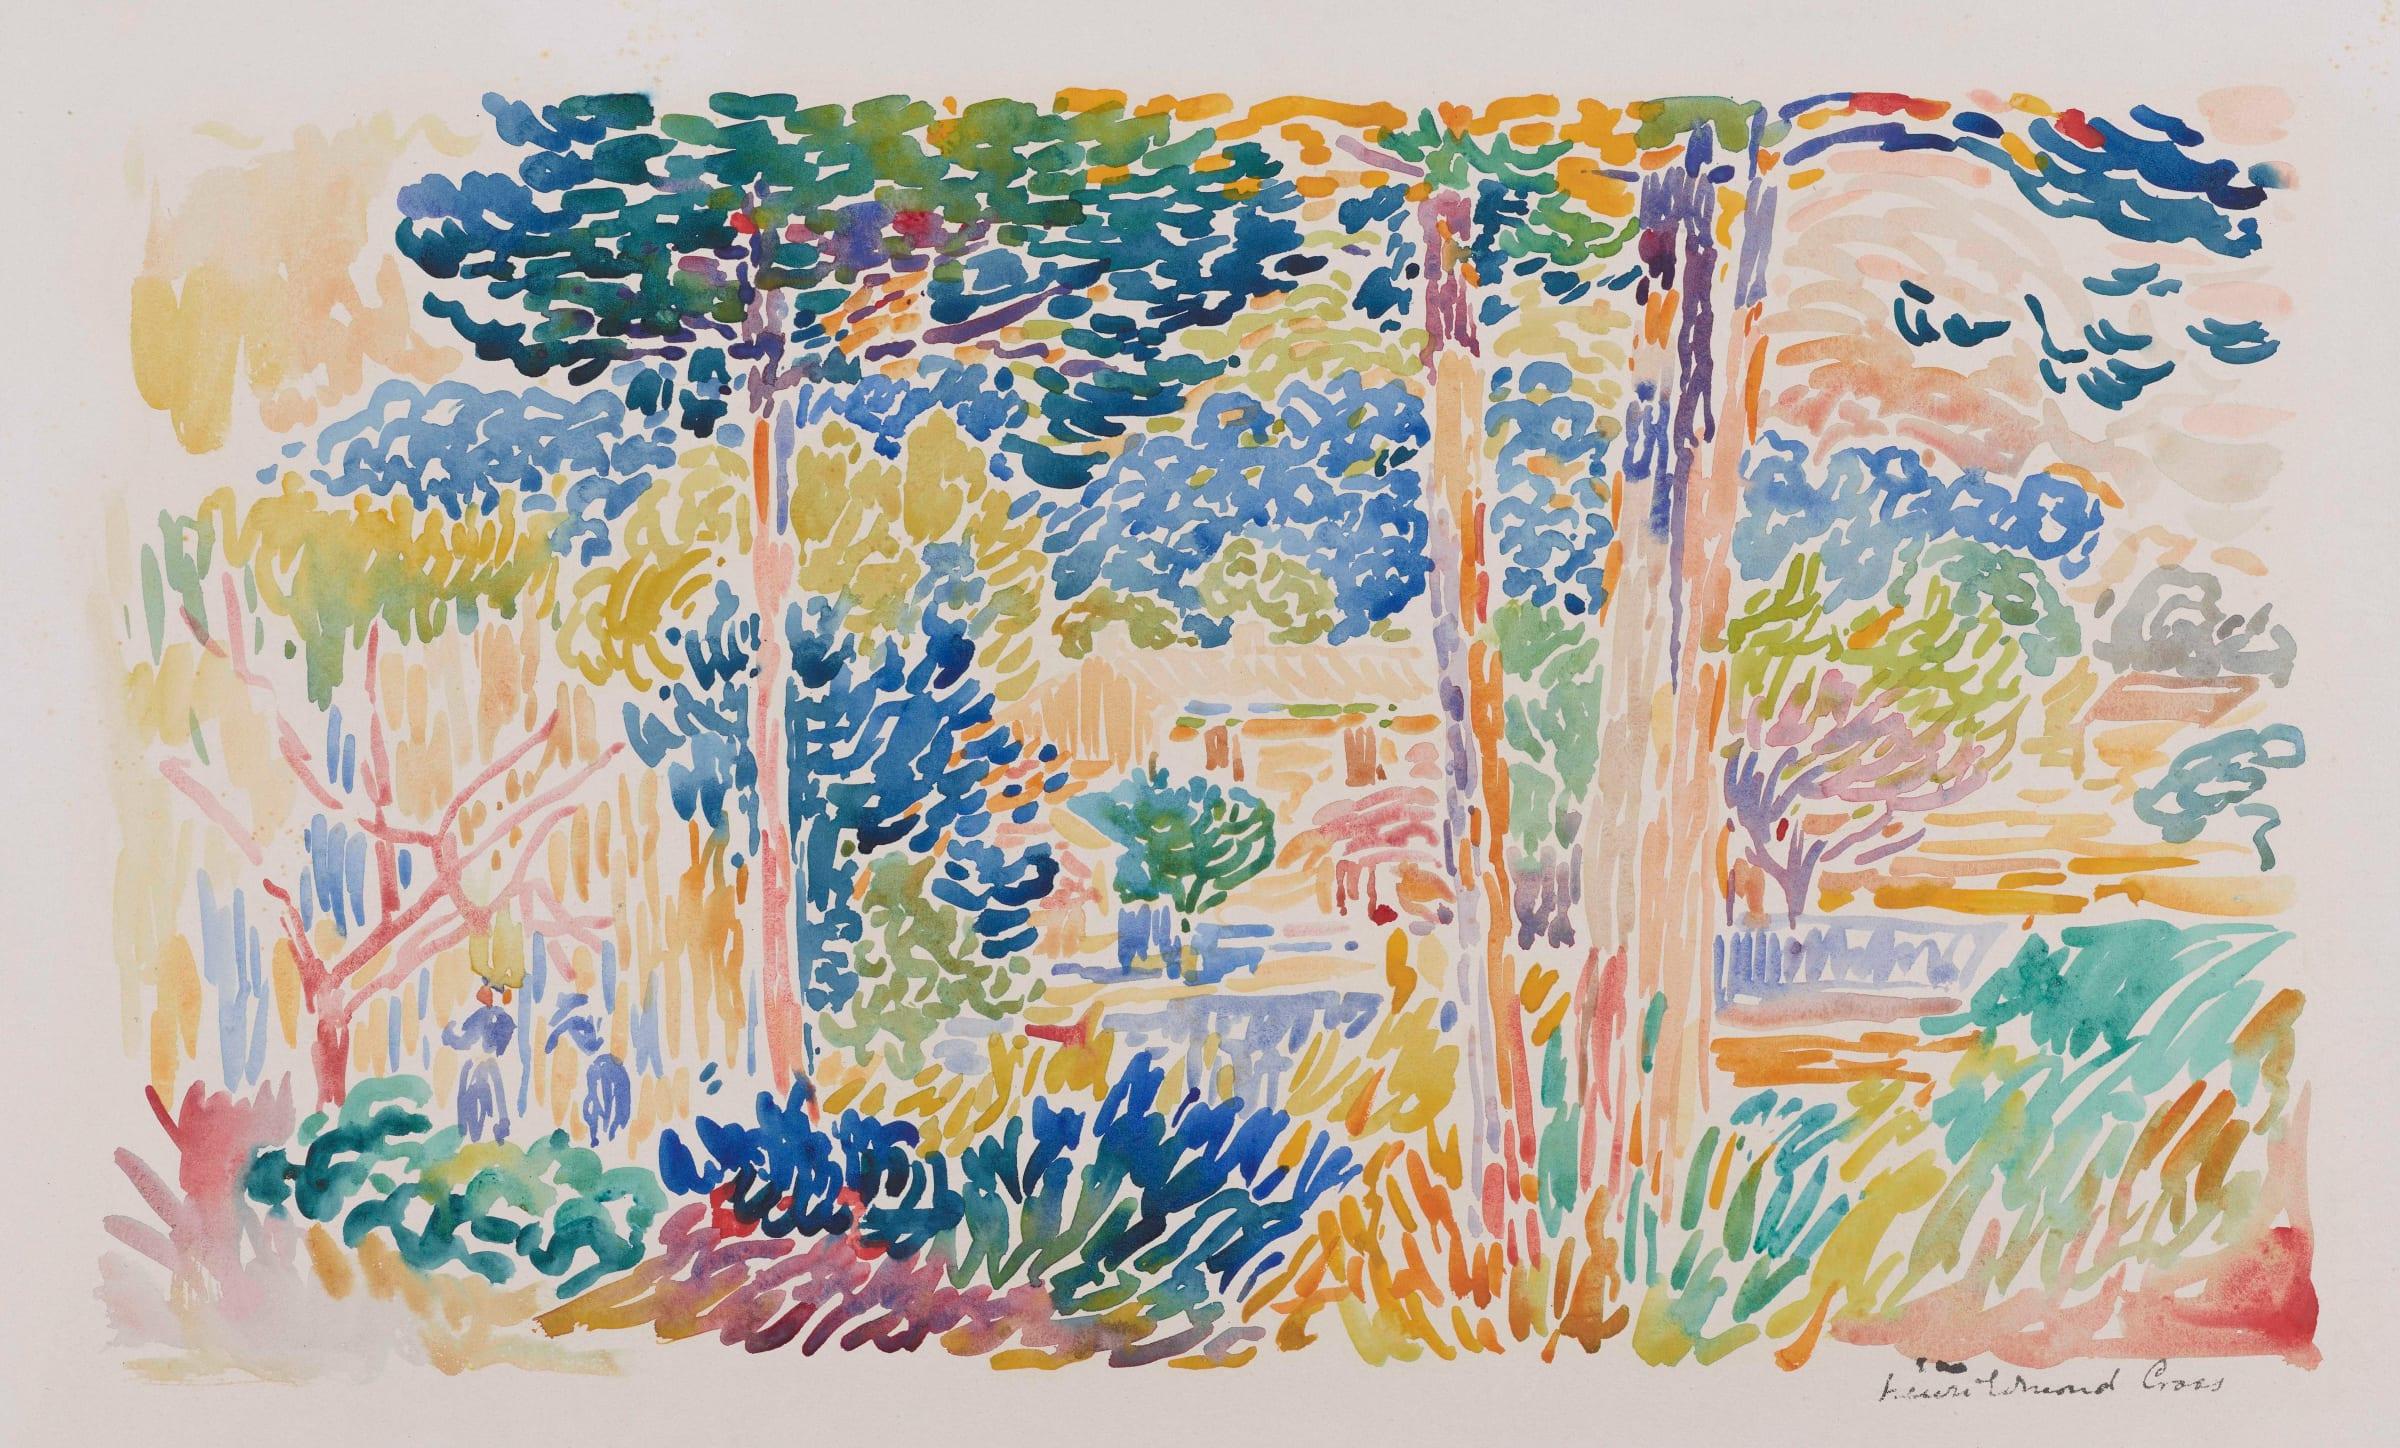 """<span class=""""link fancybox-details-link""""><a href=""""/artists/33-henri-edmond-cross/works/9382-henri-edmond-cross-pins-au-bord-de-la-m-diterran-e-c.a-1905/"""">View Detail Page</a></span><div class=""""artist""""><span class=""""artist""""><strong>Henri-Edmond Cross</strong></span></div><div class=""""title""""><em>Pins au bord de la Méditerranée</em>, c.a 1905</div><div class=""""signed_and_dated"""">Signed lower right Henri Edmond Cross</div><div class=""""medium"""">Watercolour</div><div class=""""dimensions"""">29.5 x 43.5 cm<br /> 11 5/8 x 17 1/8 inches</div>"""